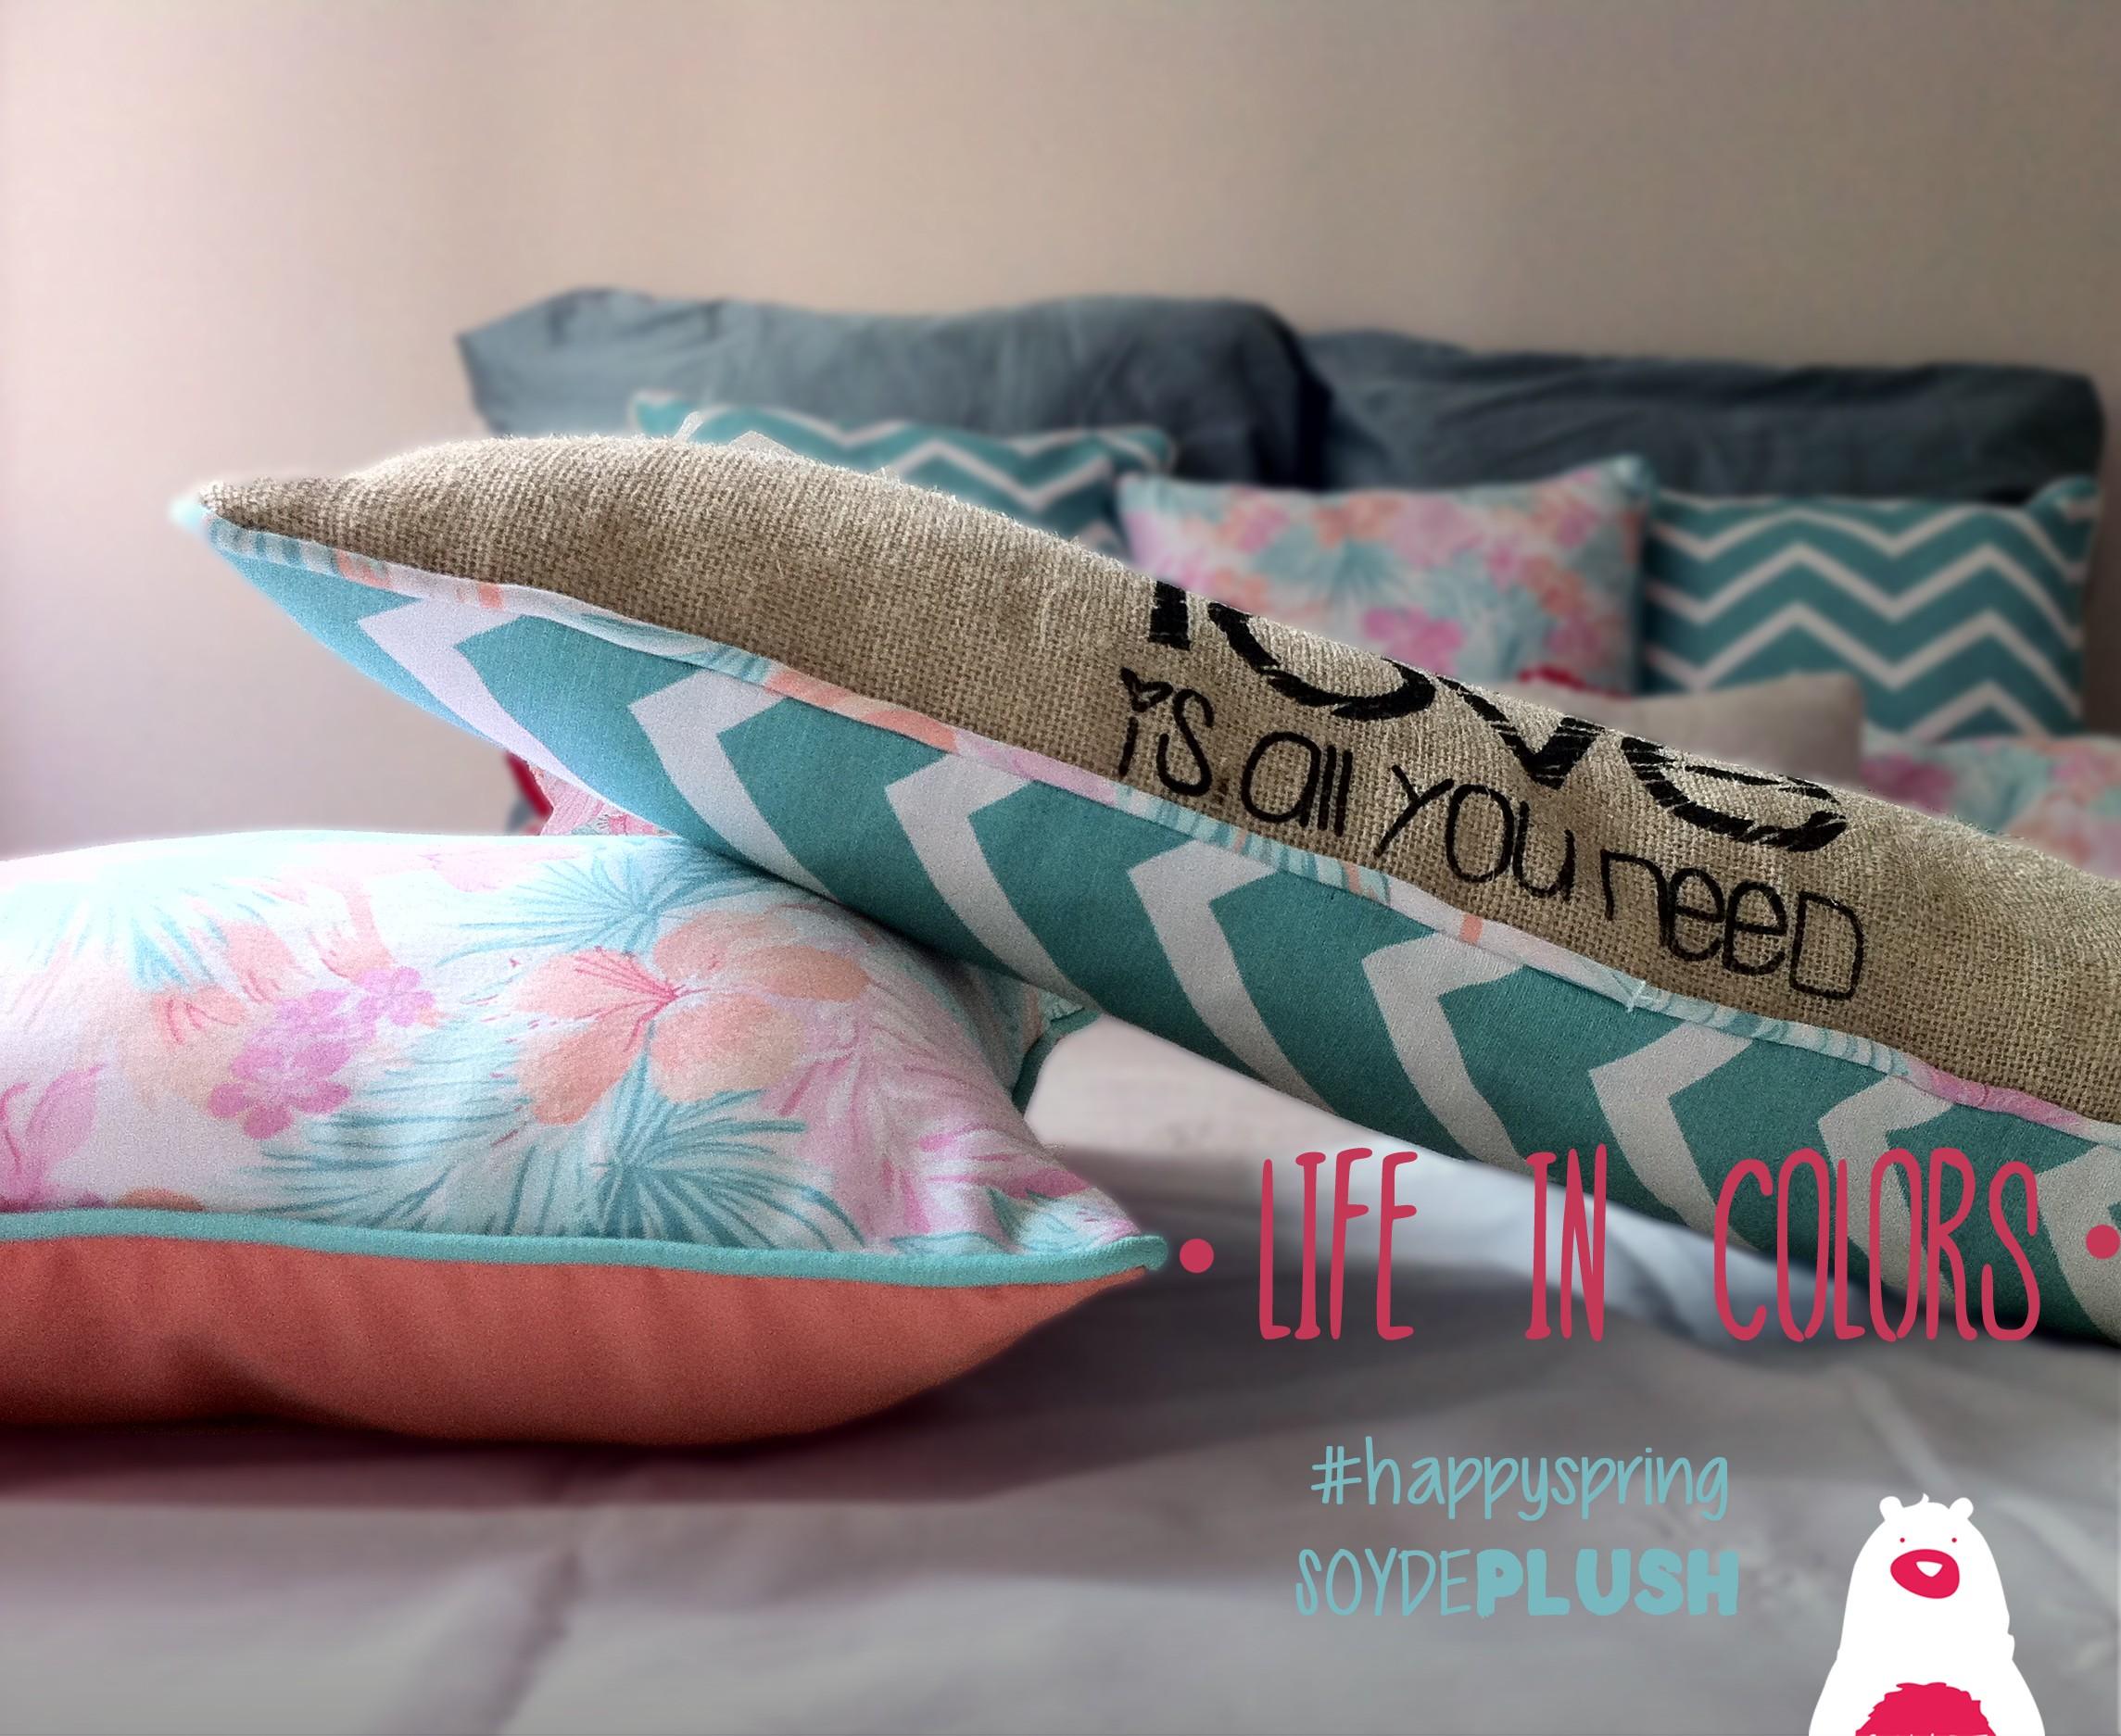 Almohadoes personalizados de Soy de Plush! Estampados en zig-zag, floreados y colores vibrantes son los protagonistas de la colección primavera-verano